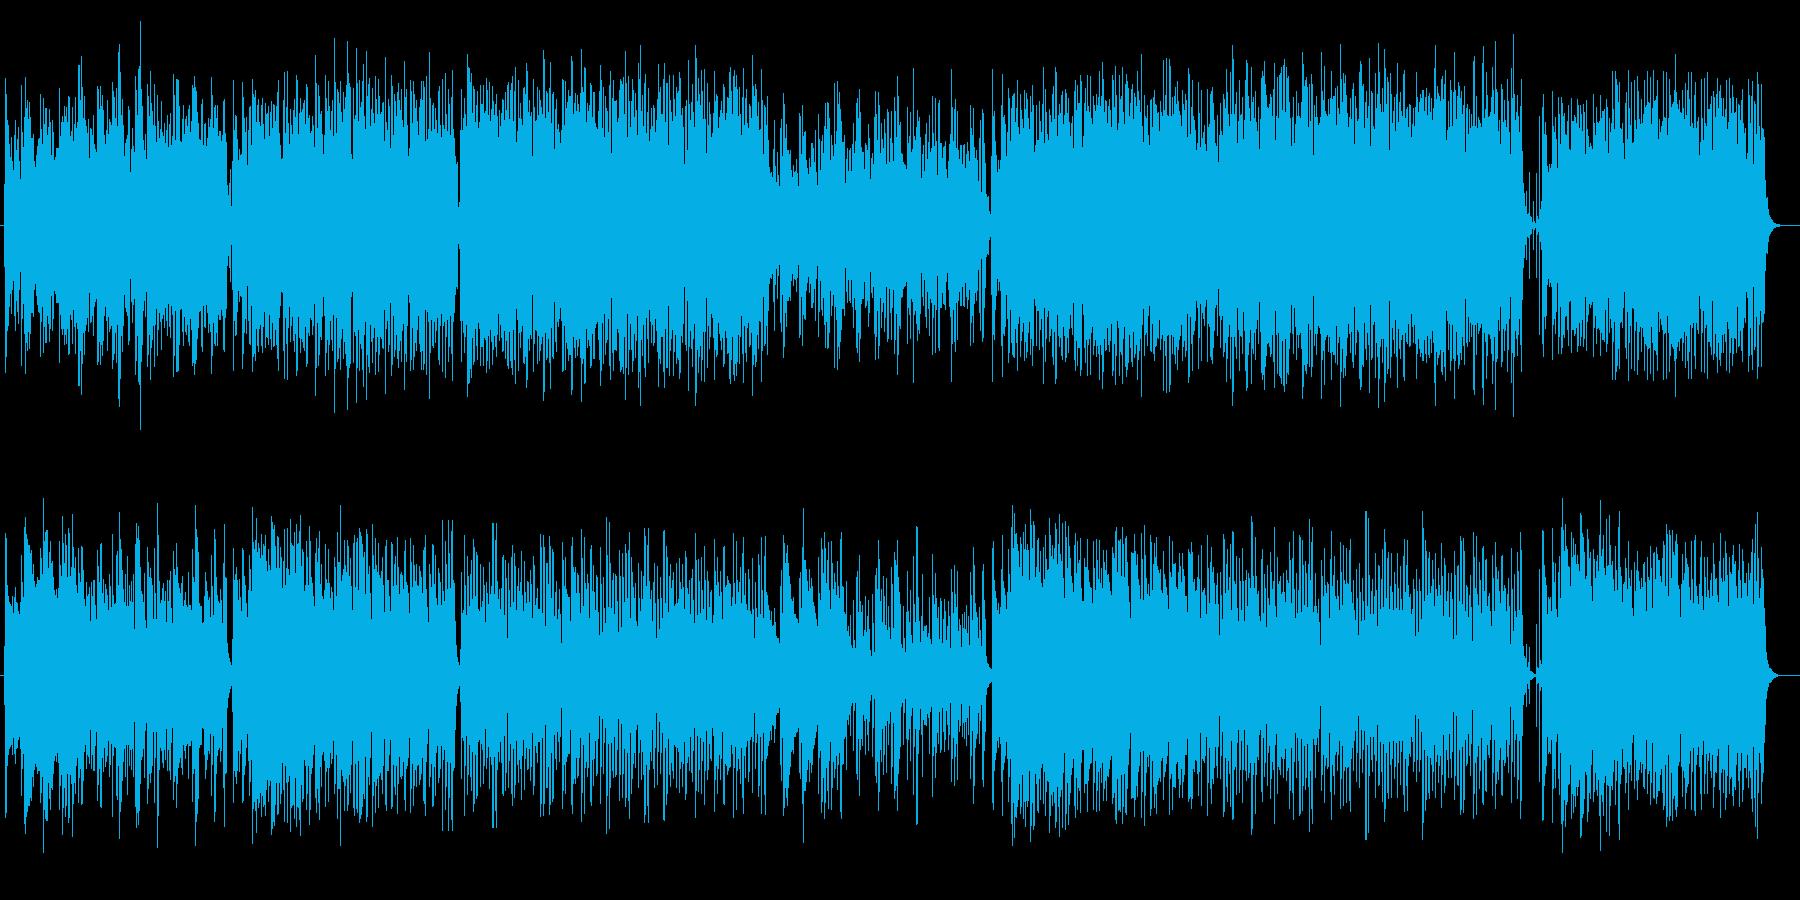 ゆったりほのぼのとしたリラクゼーション曲の再生済みの波形